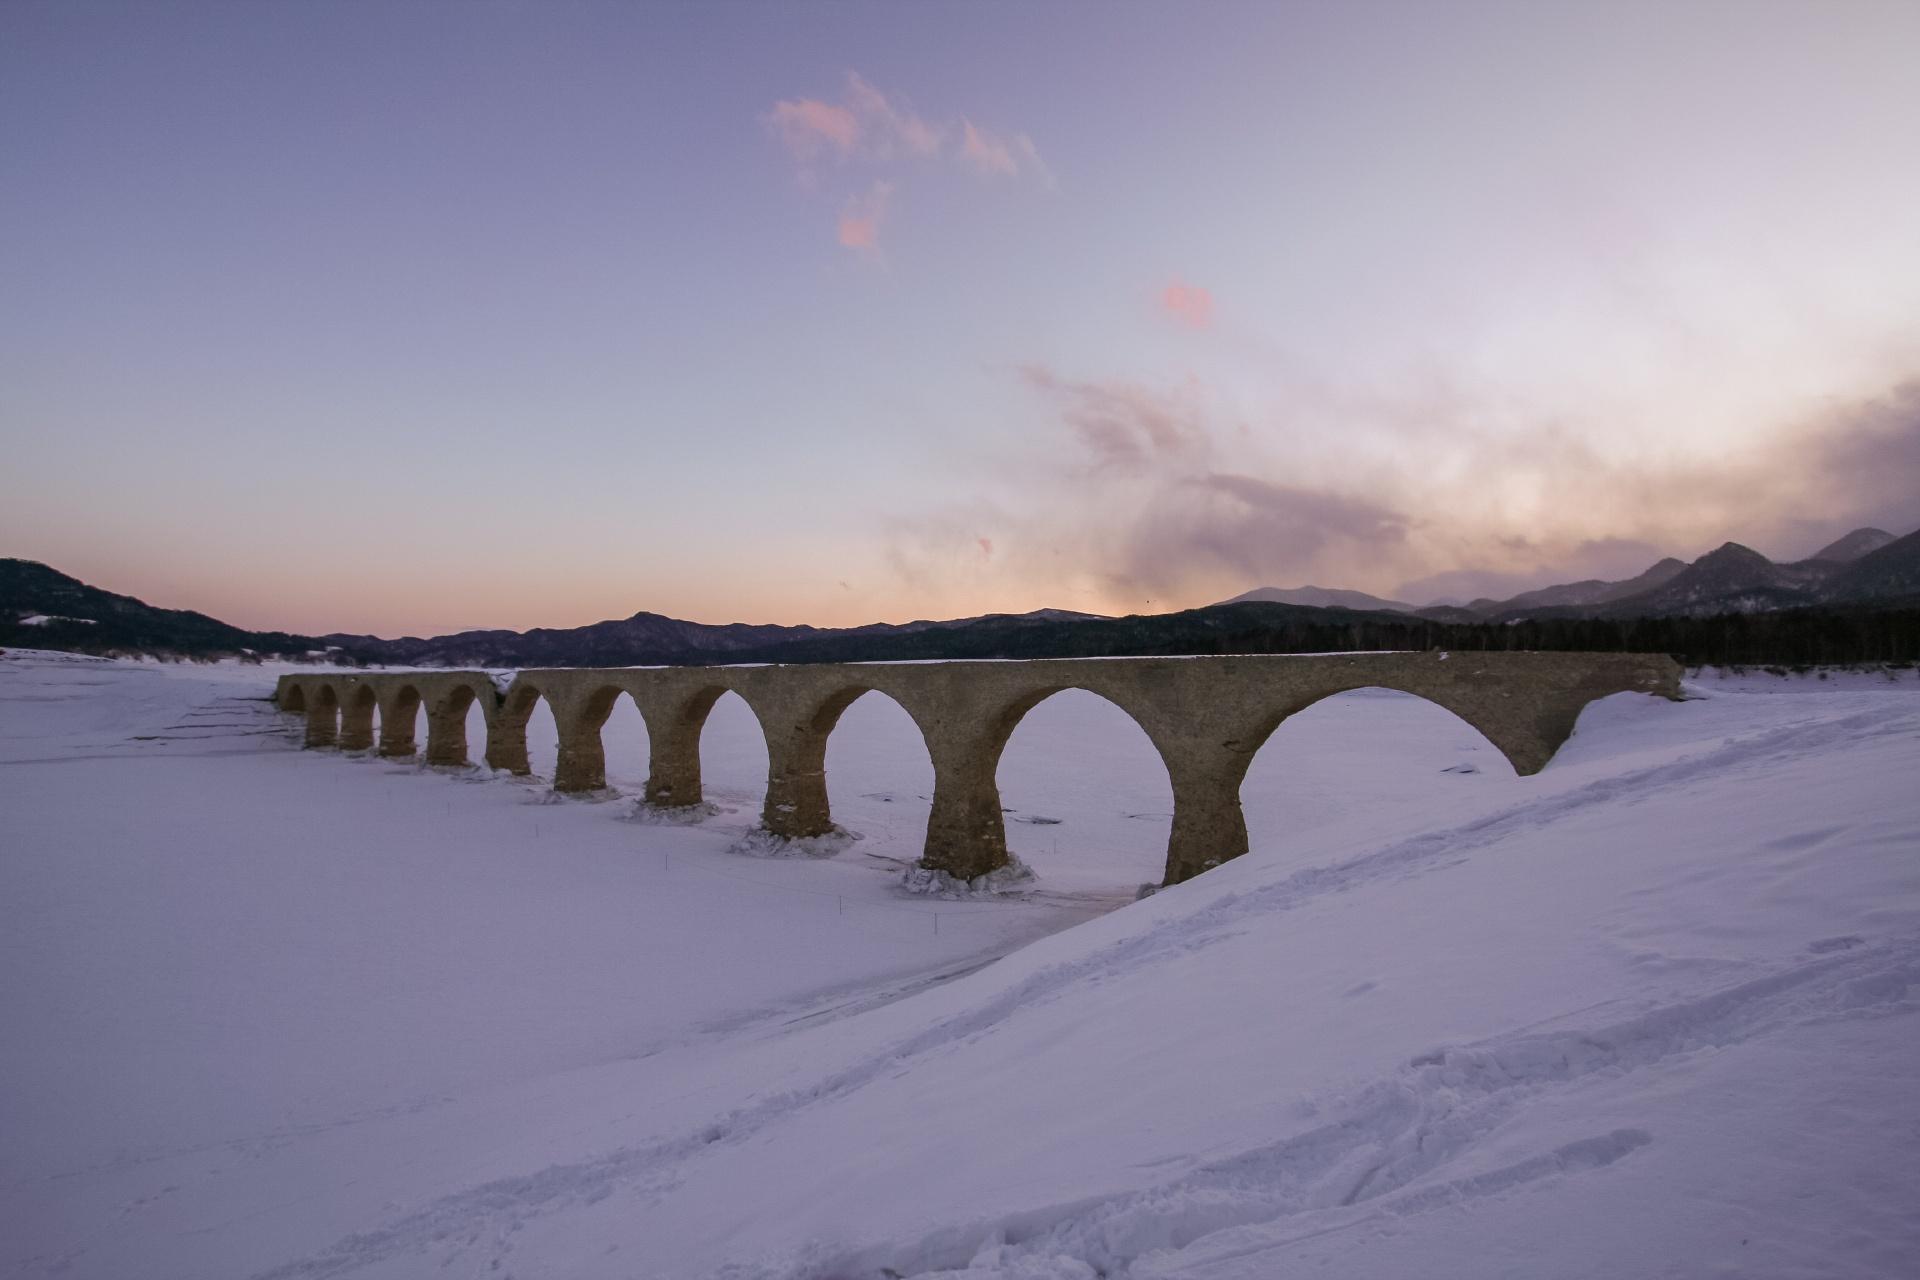 冬のタウシュベツ橋 北海道の風景